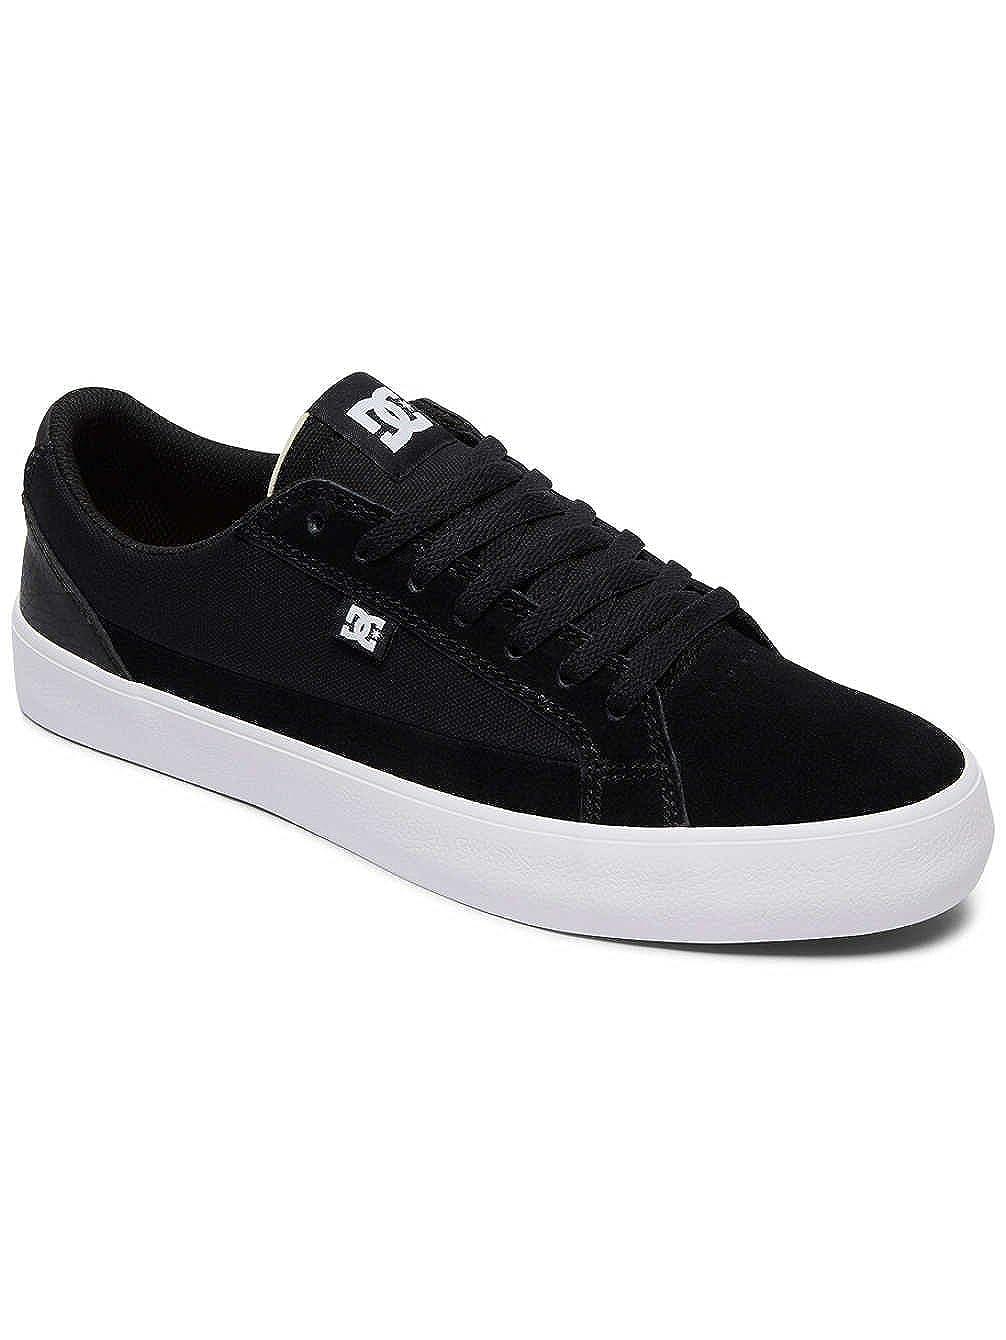 DC scarpe Lynnfield S - - - ADYS300463BKW - Taglia  42.5 B0792LTV3T Parent | Resistenza Forte Da Calore E Resistente  | eccellente  | Qualità Eccellente  | Elevata Sicurezza  | Bassi costi  | Impeccabile  122a43